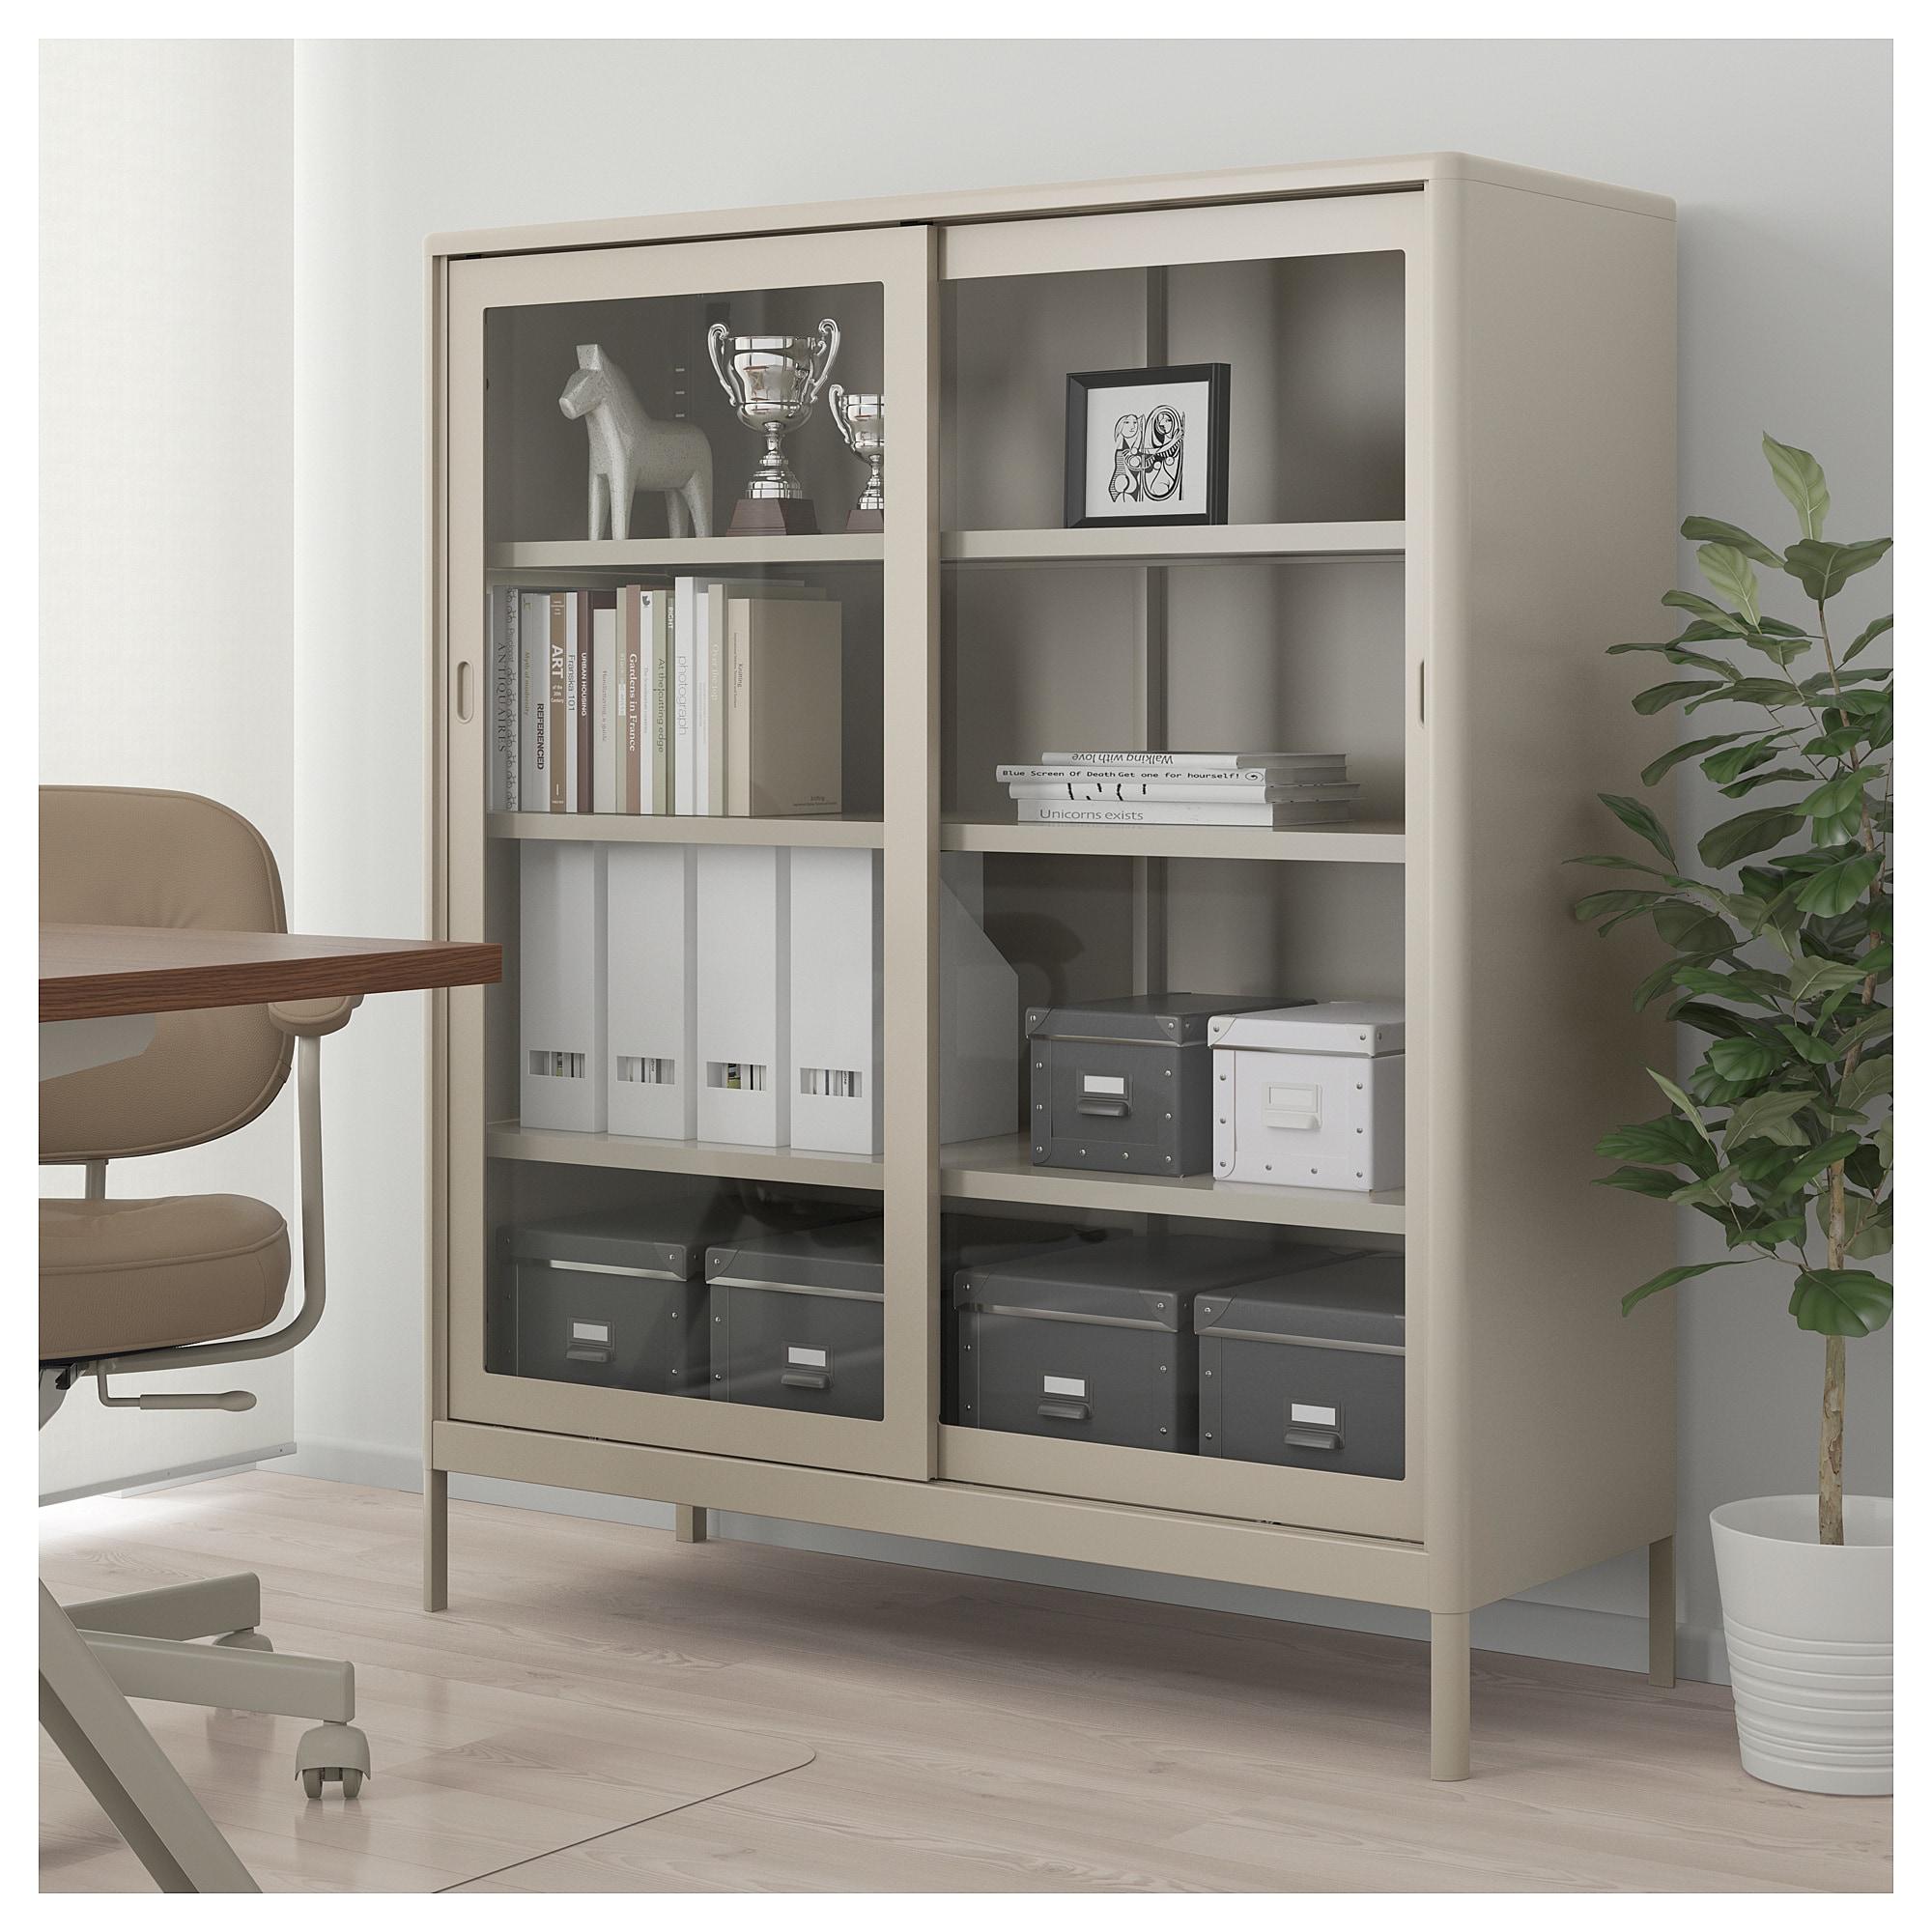 Ikea Idasen Beige Cabinet With Sliding Glass Doors Barnes